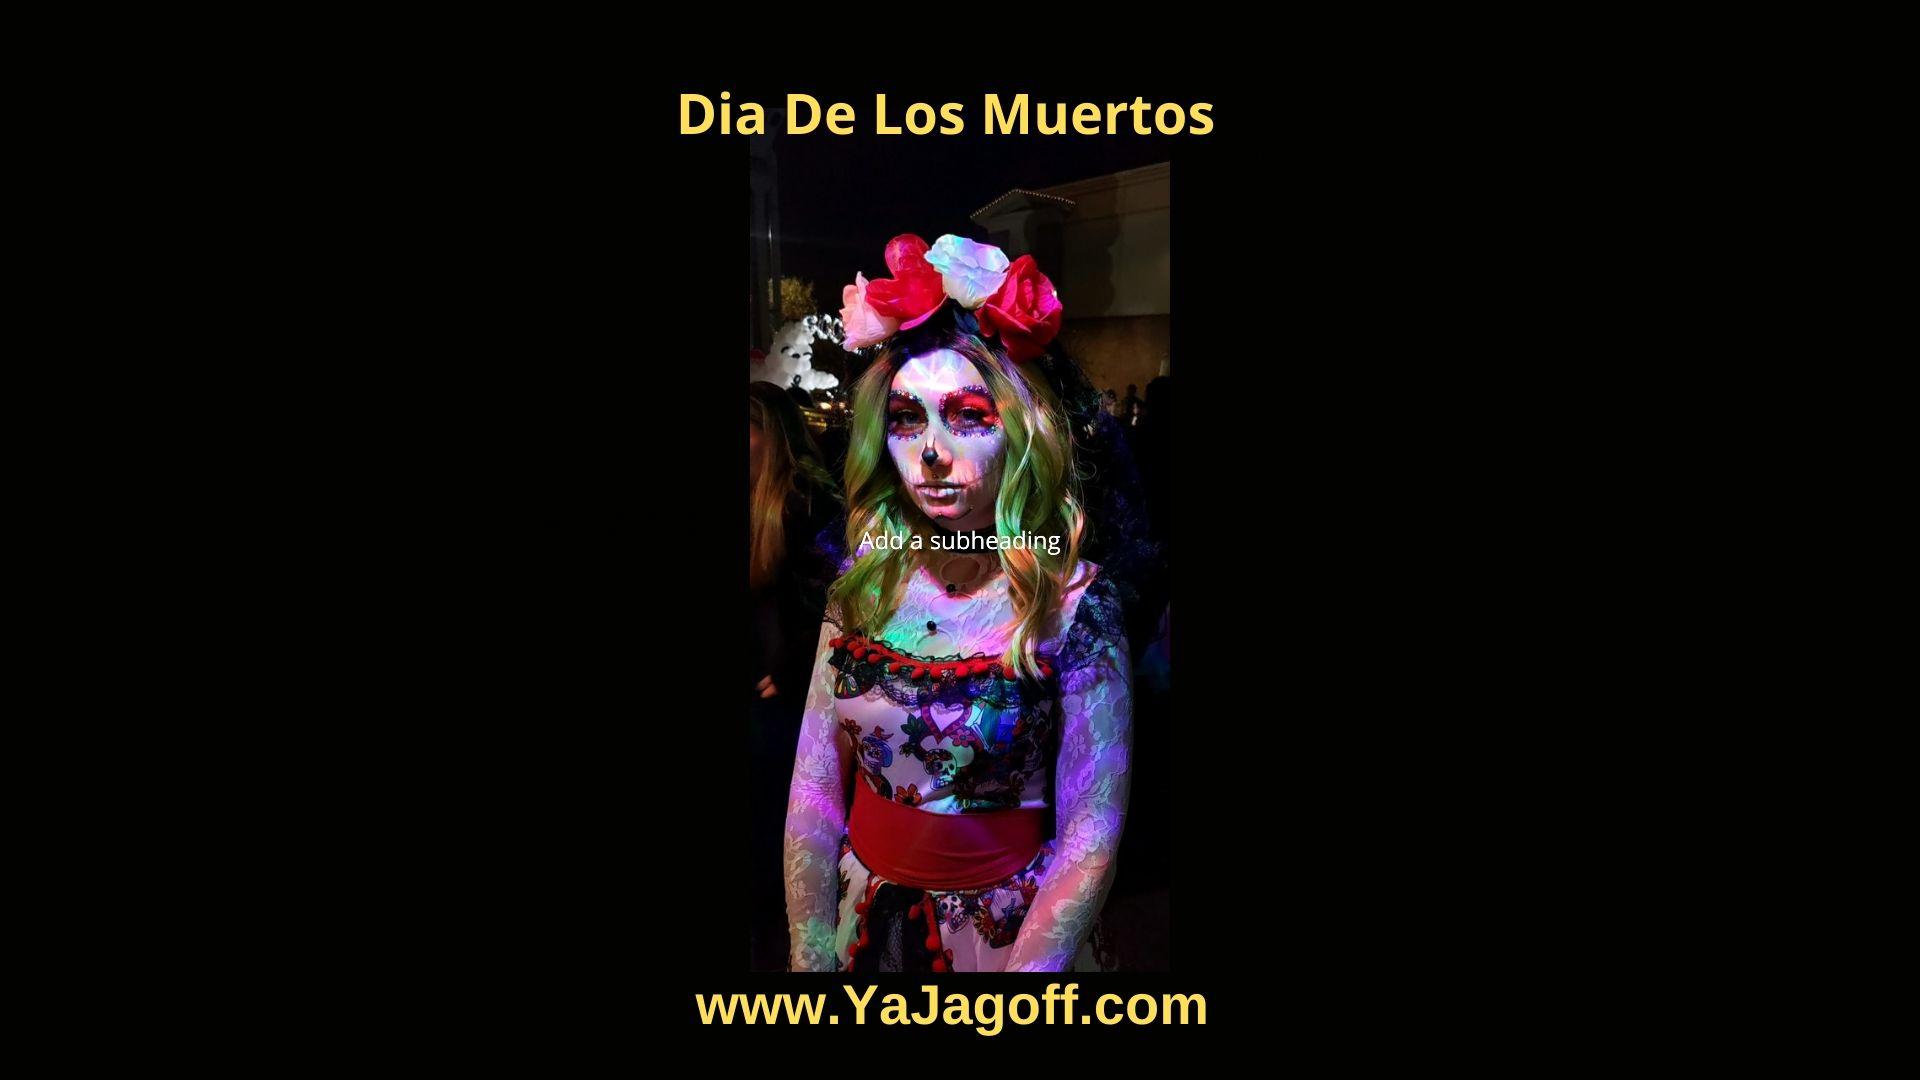 YaJagoff DiaDe Los Muertos